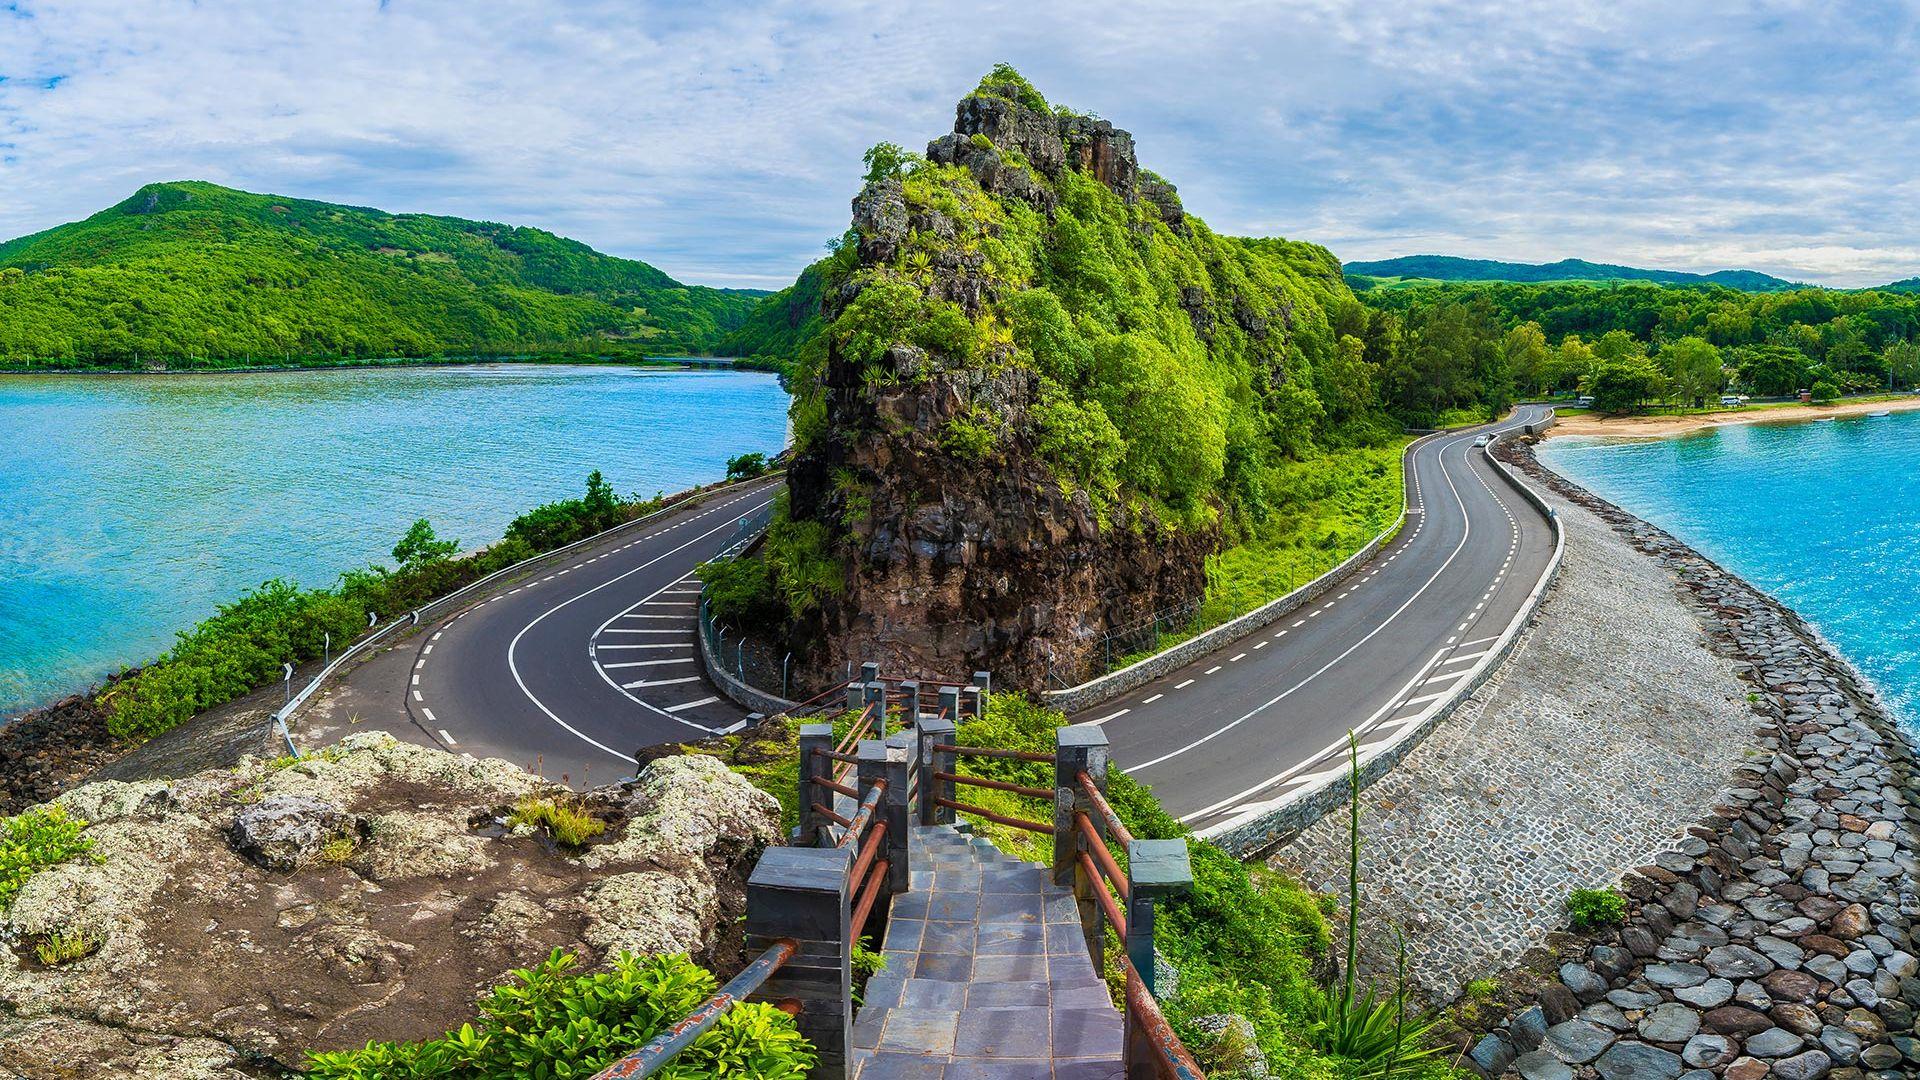 Sejur plaja Mauritius, 12 zile - 24 ianuarie 2022